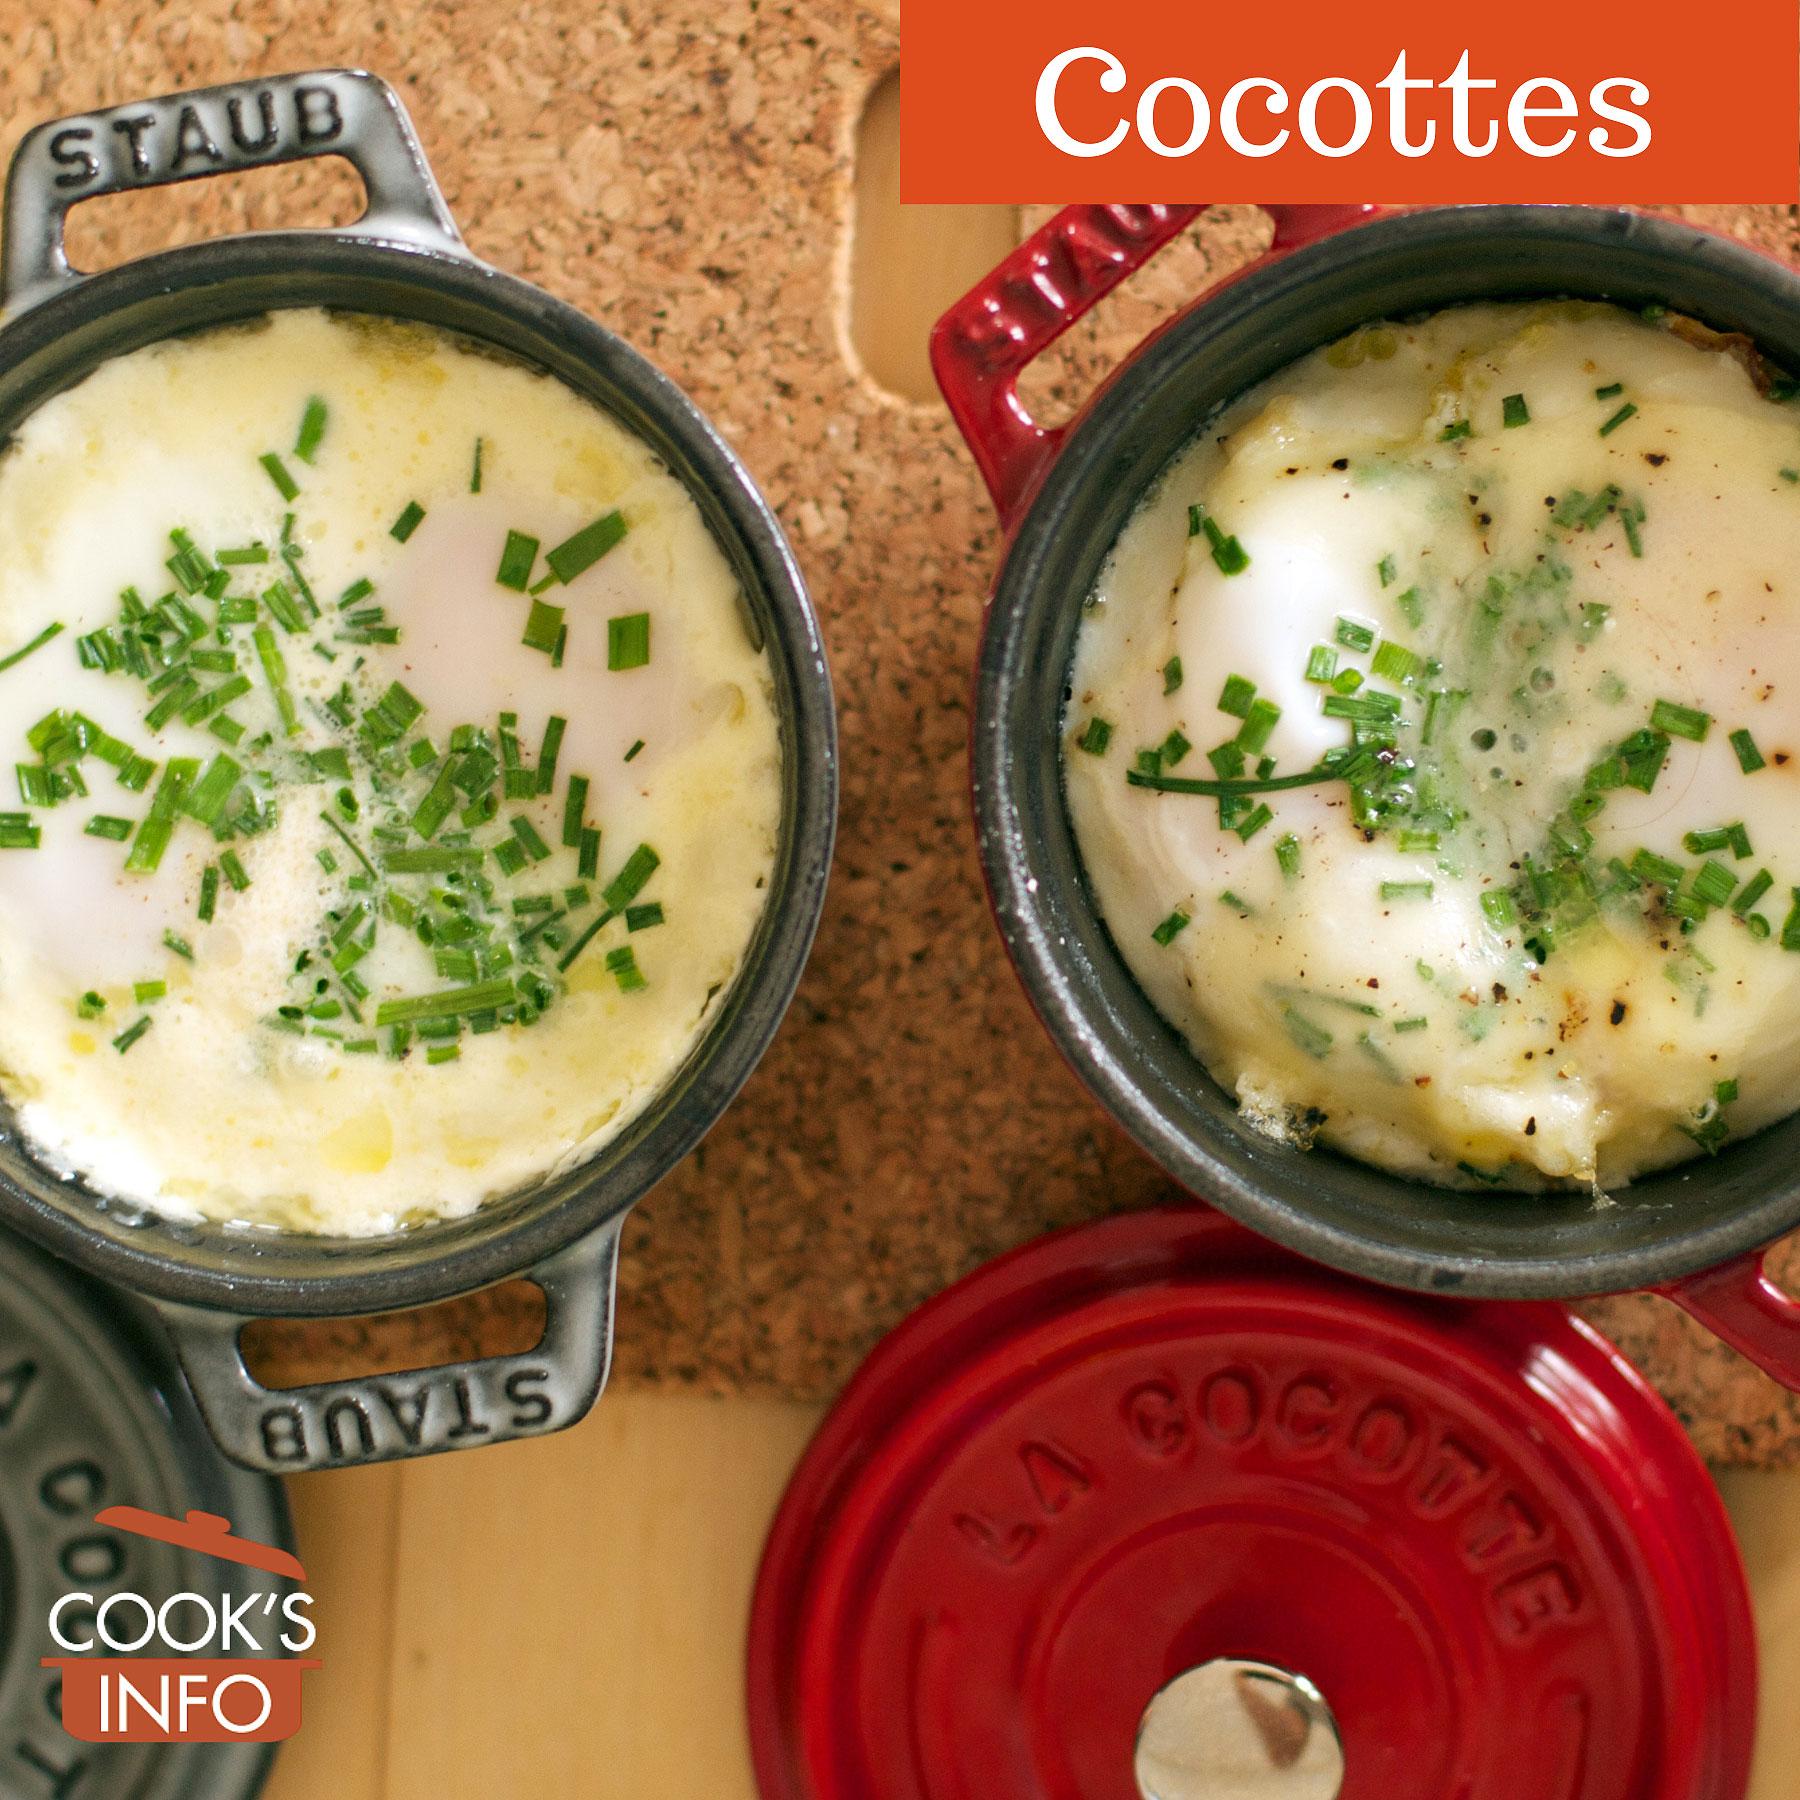 Eggs in Staub Mini Cocottes